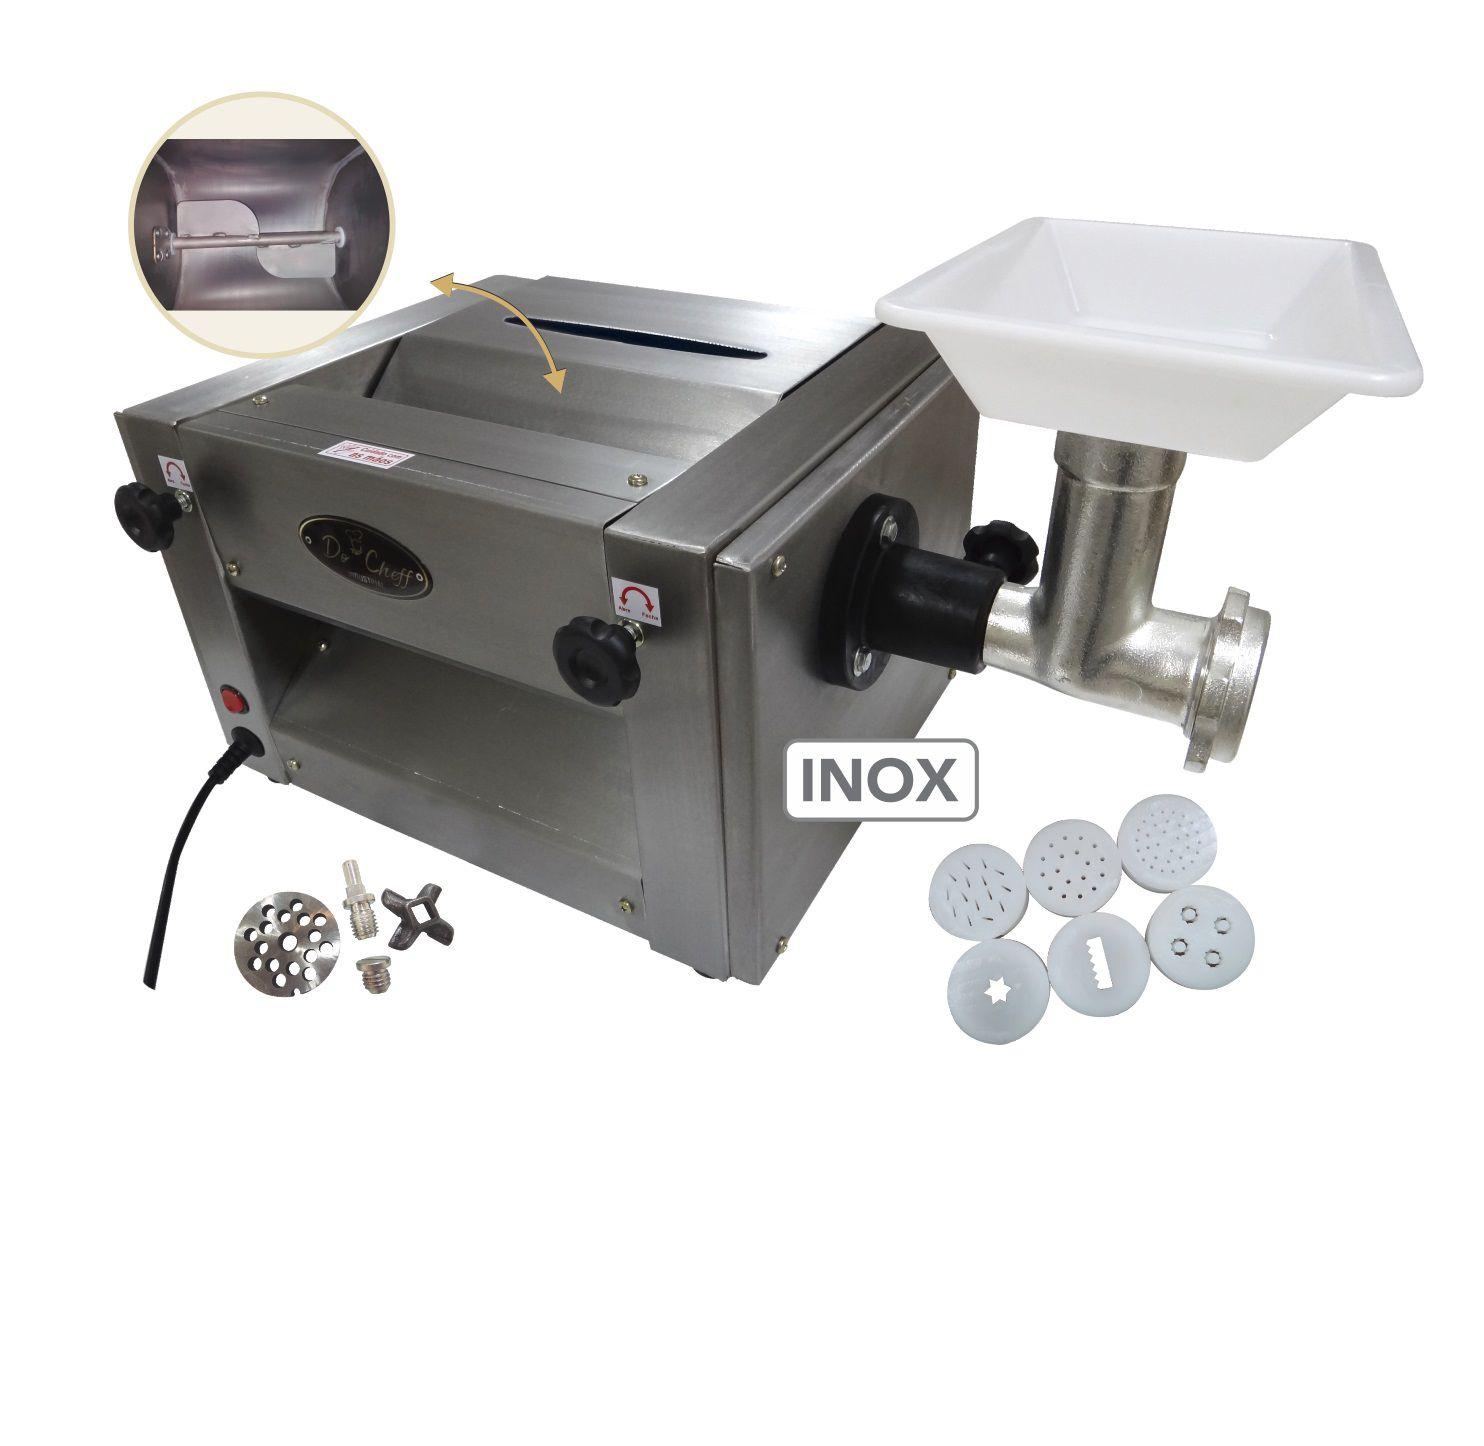 Cilindro Extrusor Moedor e Misturador Total Inox Do Cheff Cl 22